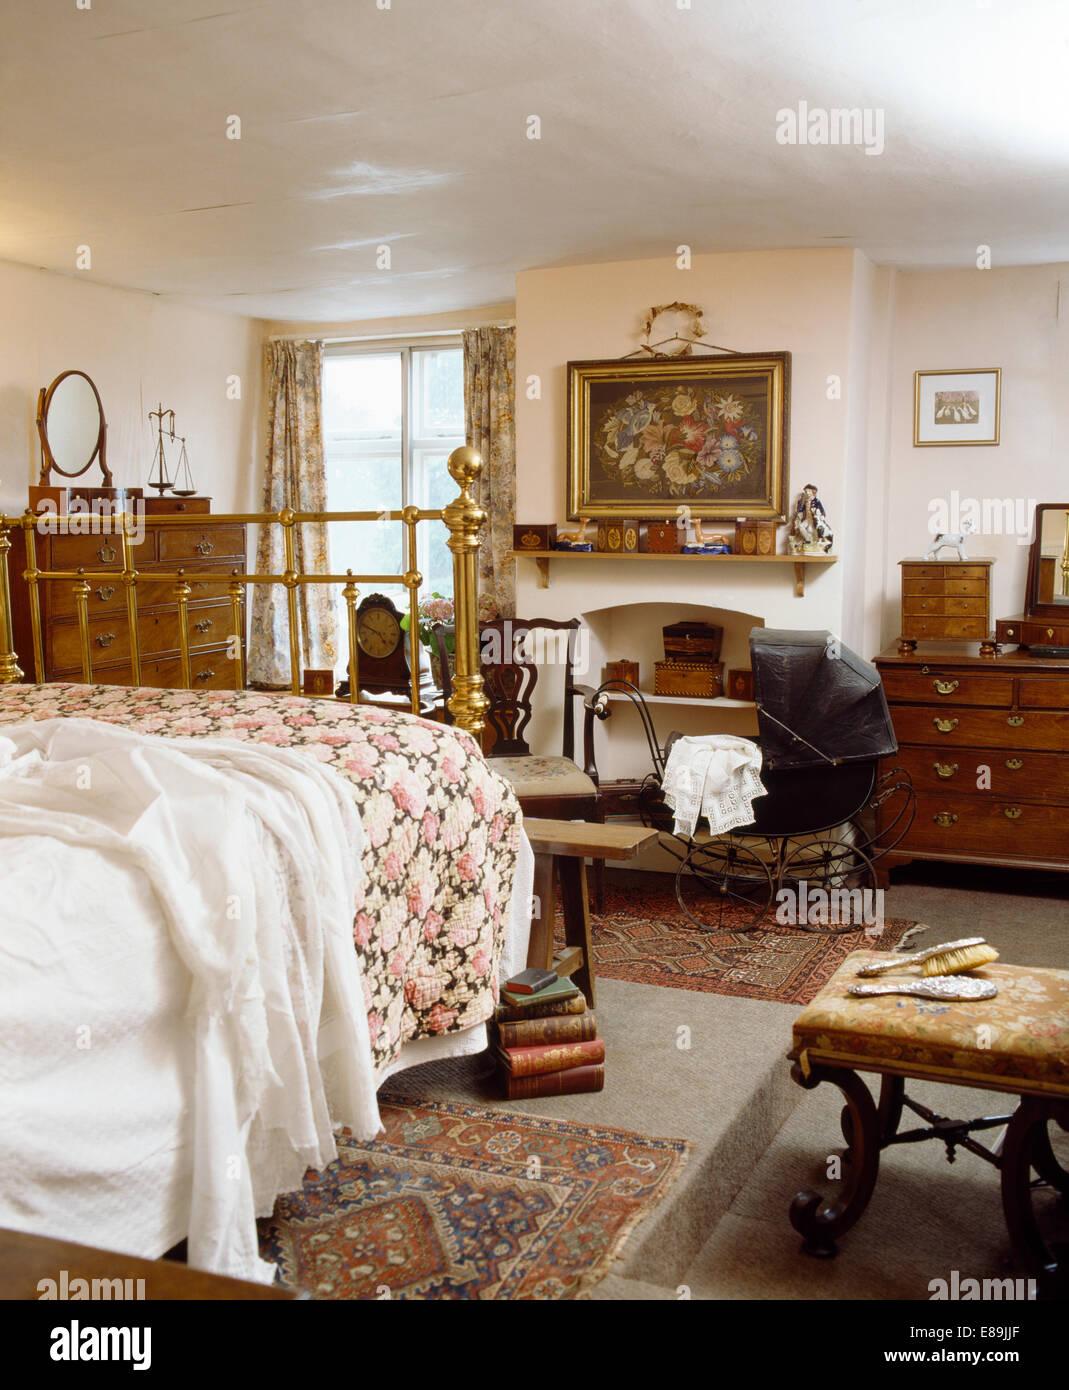 Camera Matrimoniale Stile Antico.Rose Modellato Su Quilt In Ottone Antico Letto In Stile Vittoriano